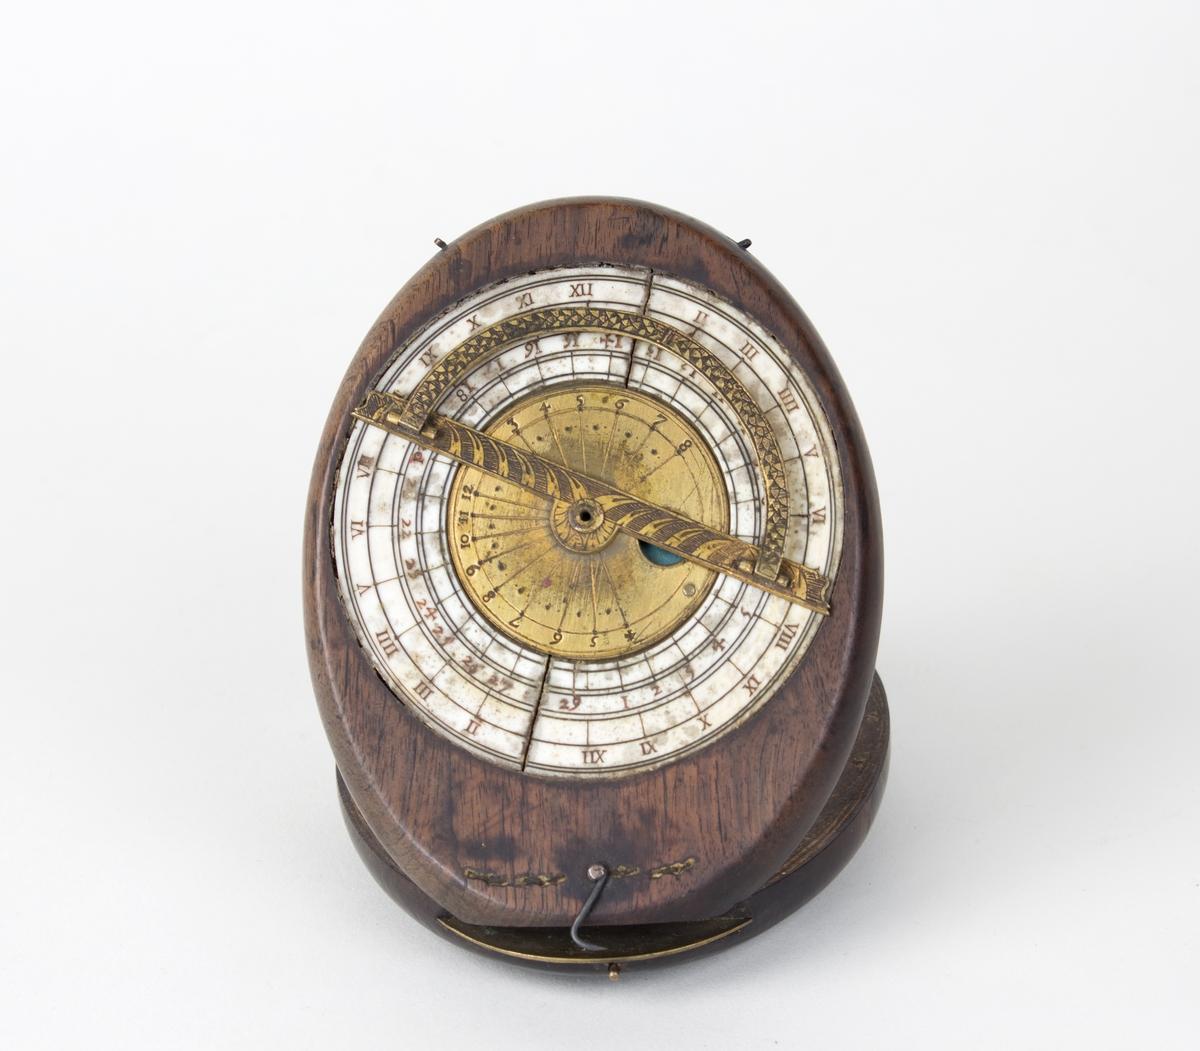 Solur trolig fra 1700-tallet. Instrument for måling av månefaser og solens hellning. Ovalt treobjekt som holdes oppe av en tynn messingpinne, sammelagt ligger to like store ovale treskiver oppå hverandre. På oversiden er det en klokkelignende rund måleskive (astrolabe?) i metall. Treskive to inneholder to kompassliknende skiver som er nedfelt i treverket.